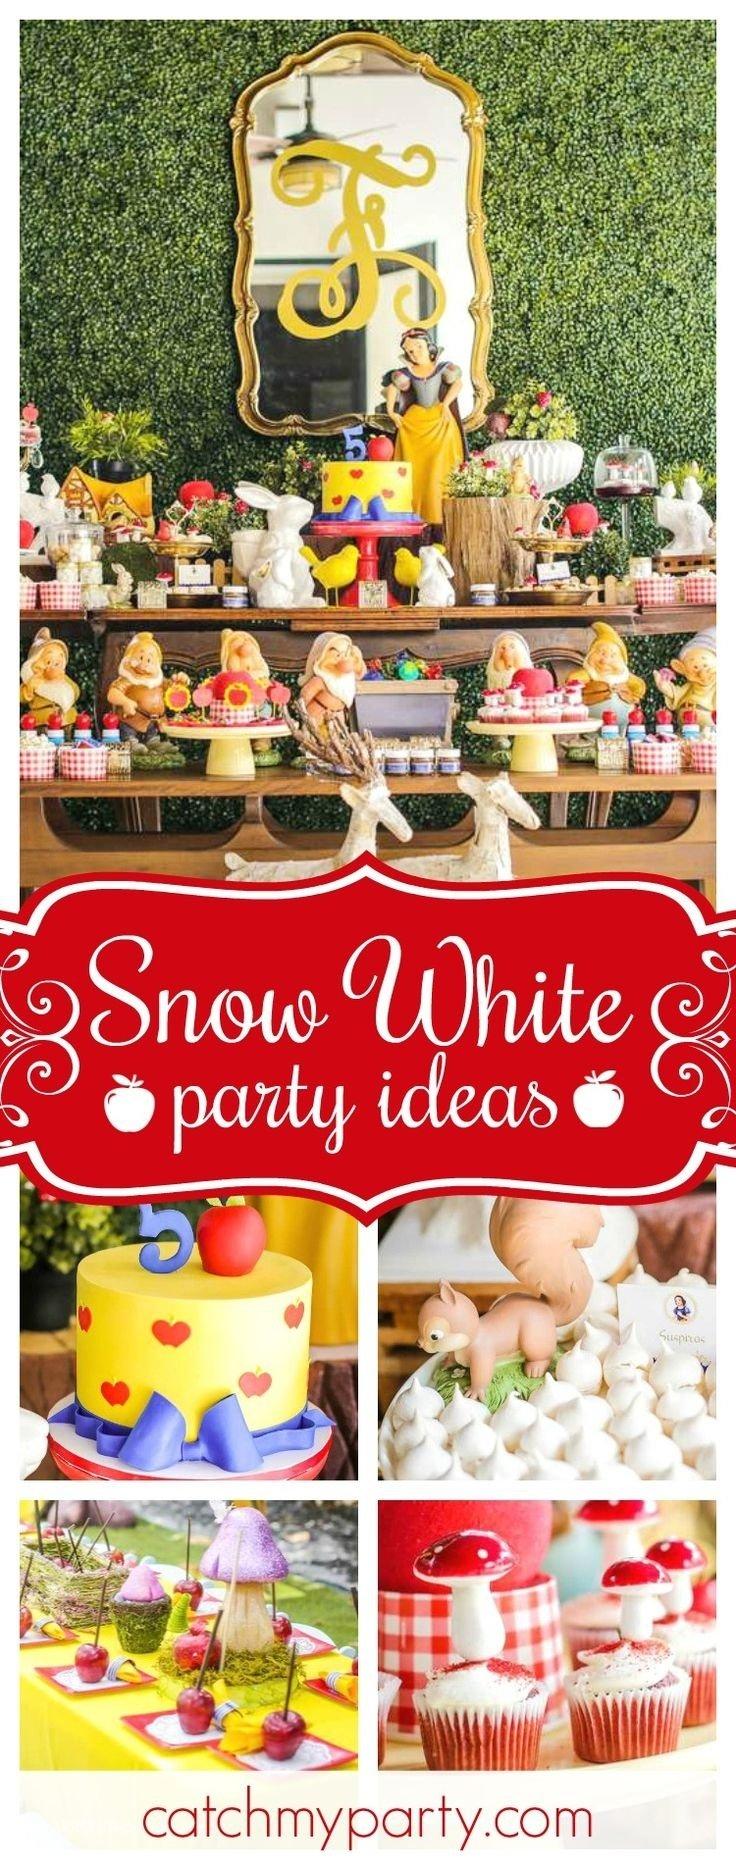 10 Fashionable Snow White Birthday Party Ideas 268 best snow white party ideas images on pinterest snow white